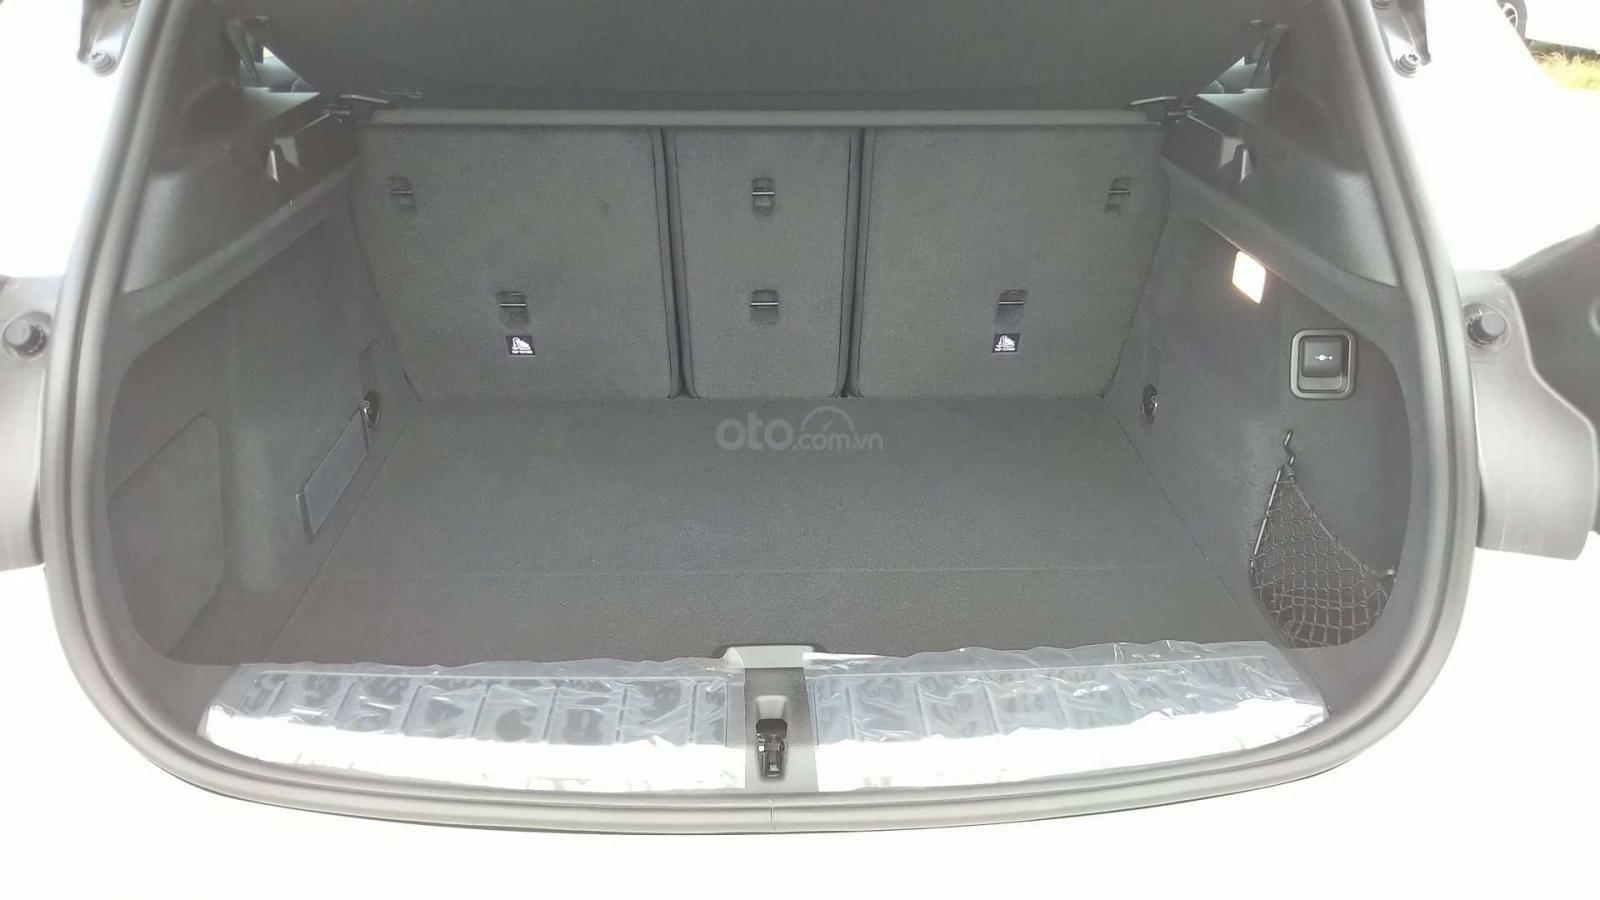 Đánh giá xe BMW X2 sDrive18i 2019 về khaong hành lý - Ảnh 1.